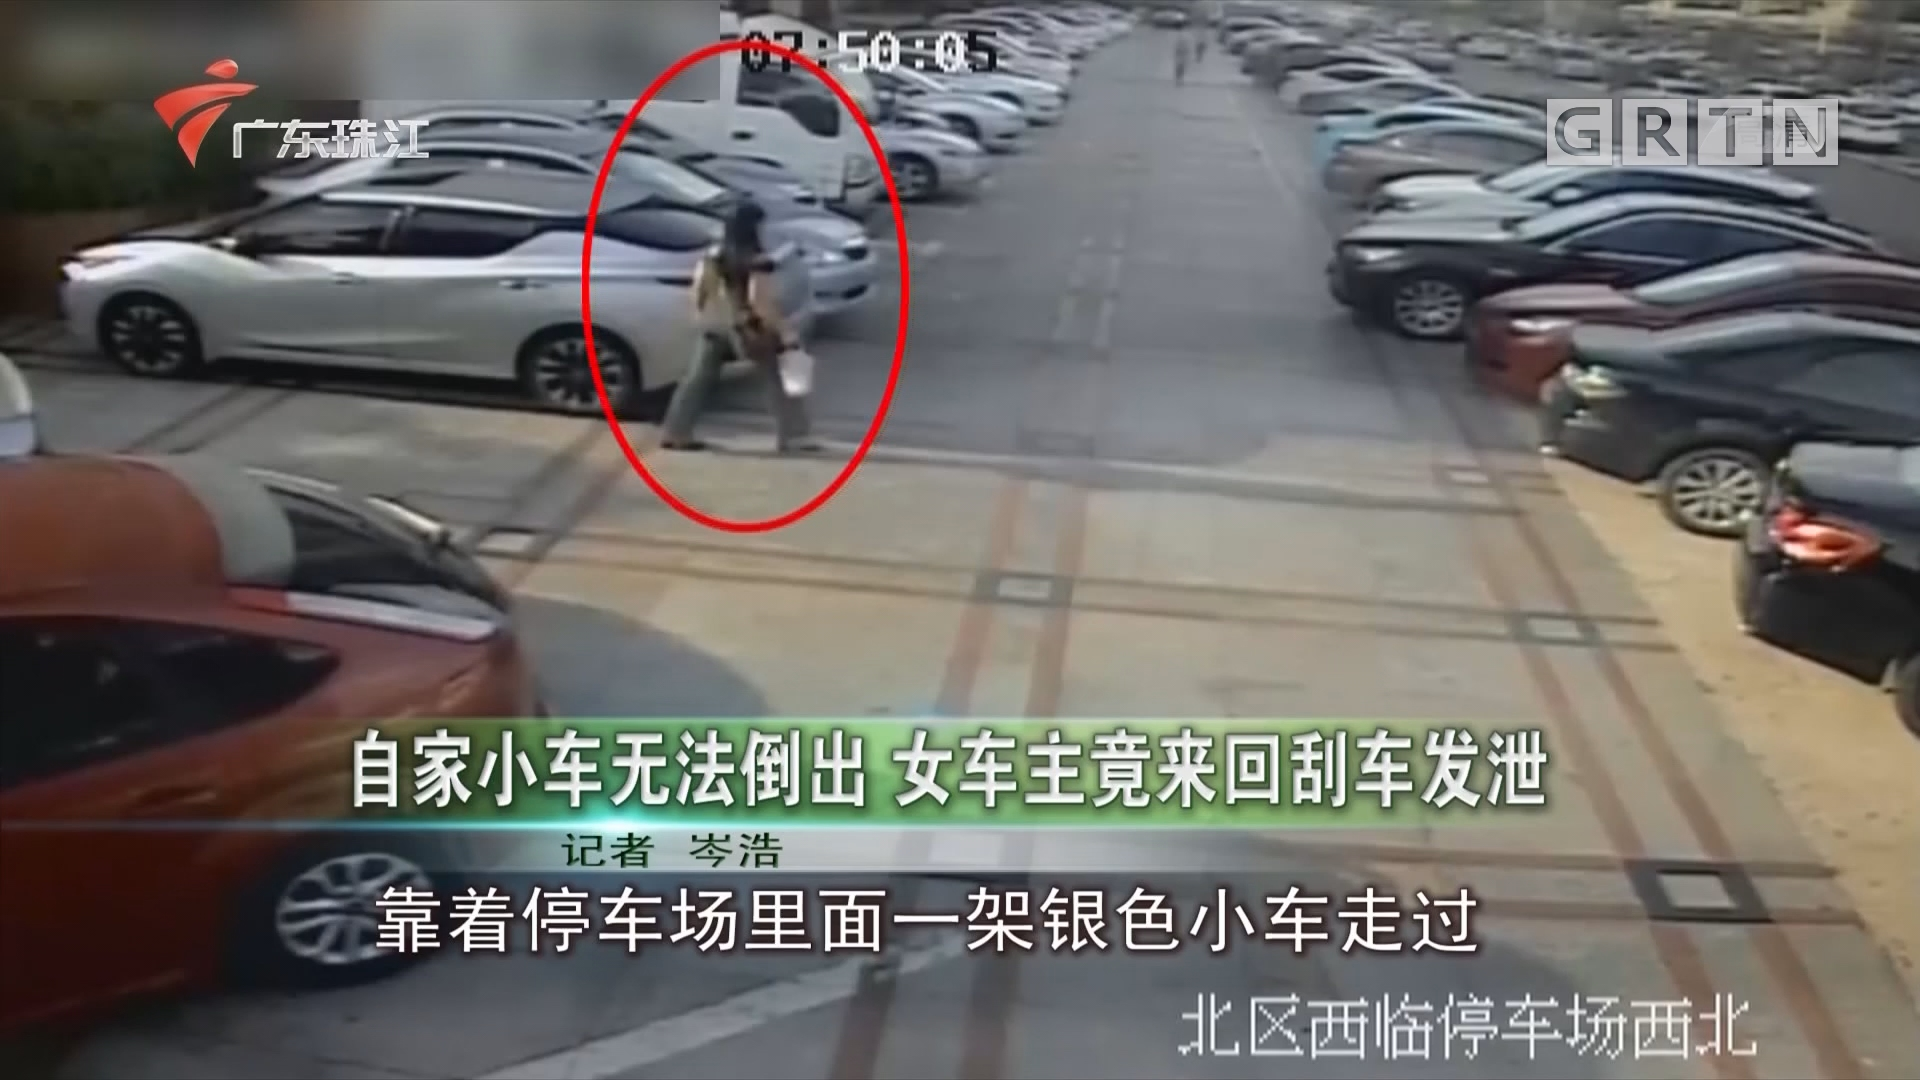 自家小车无法倒出 女车主竟来回刮车发泄